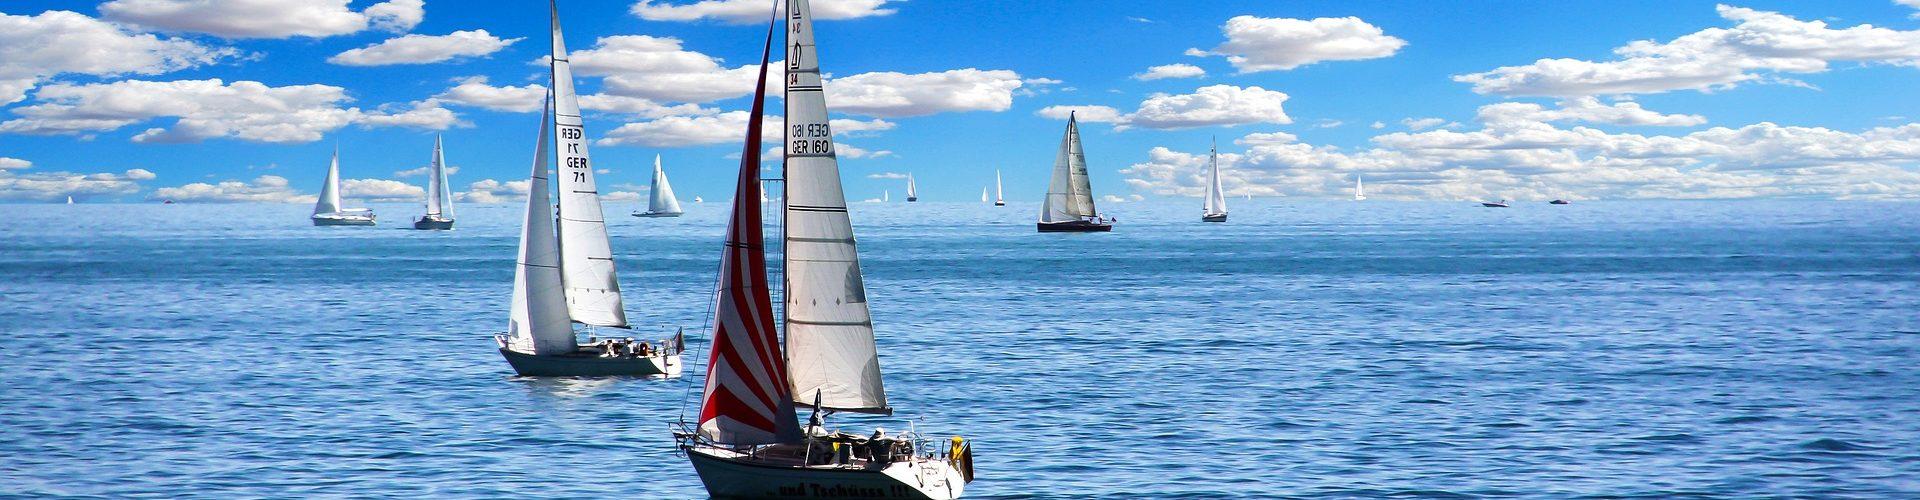 segeln lernen in Bad Wimpfen segelschein machen in Bad Wimpfen 1920x500 - Segeln lernen in Bad Wimpfen